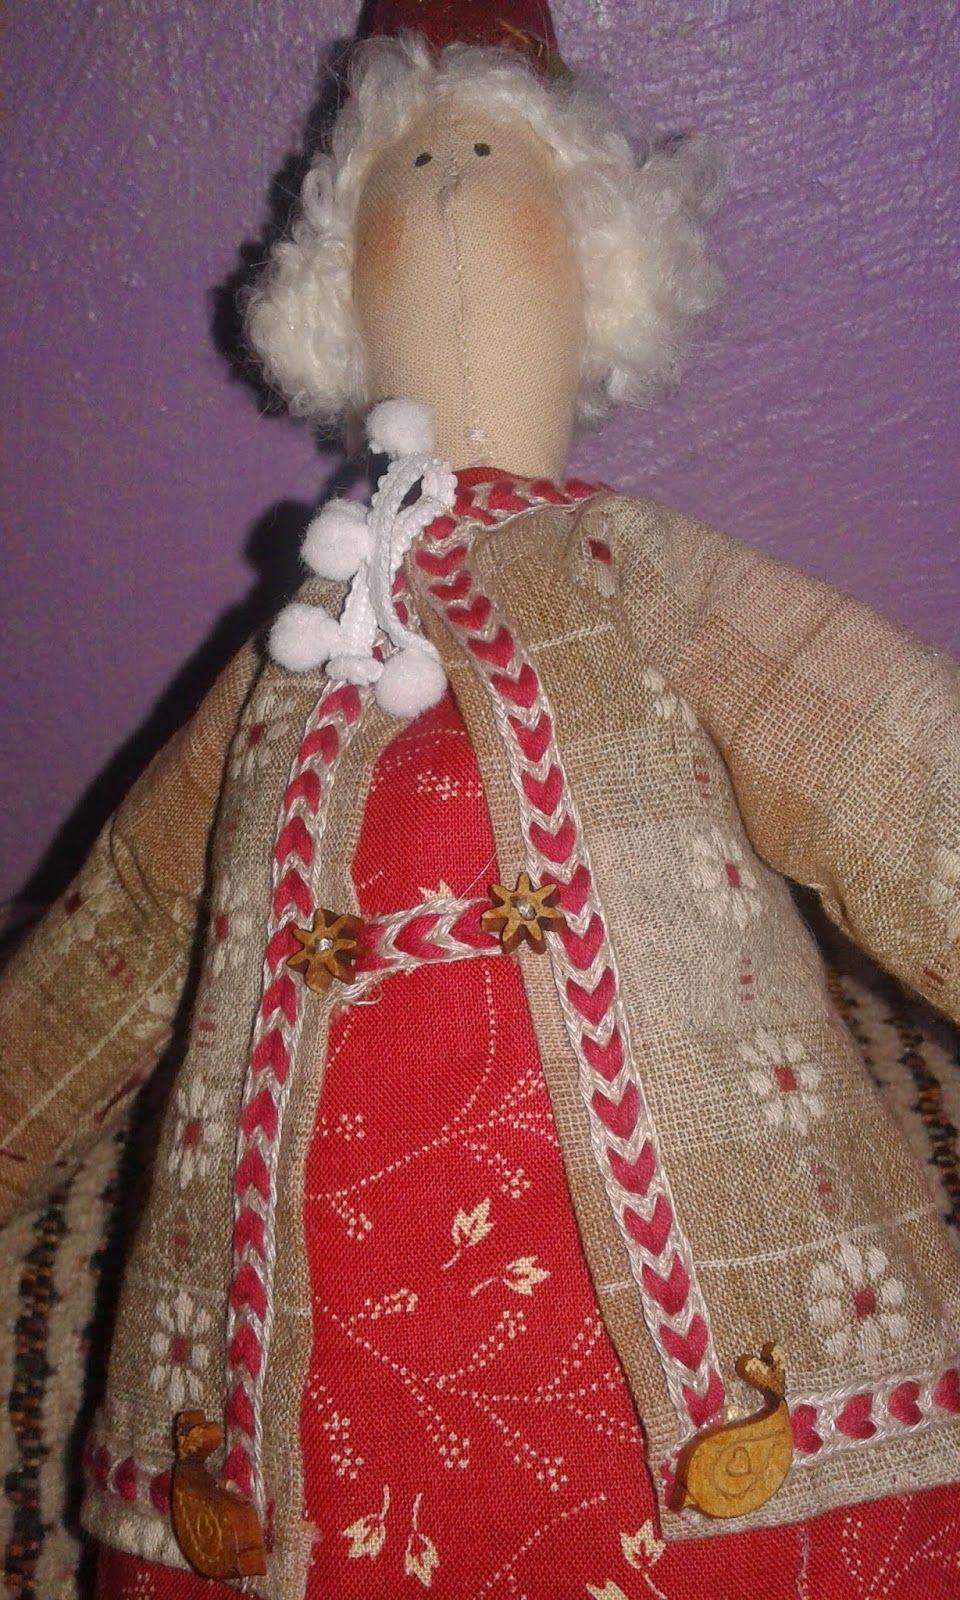 Mamãe Noel Kriska - Linda e com um certo charme provençal, ótima opção para decoração de natal. Seus amigos iriam ficar muito felizes em galha-la de presente.